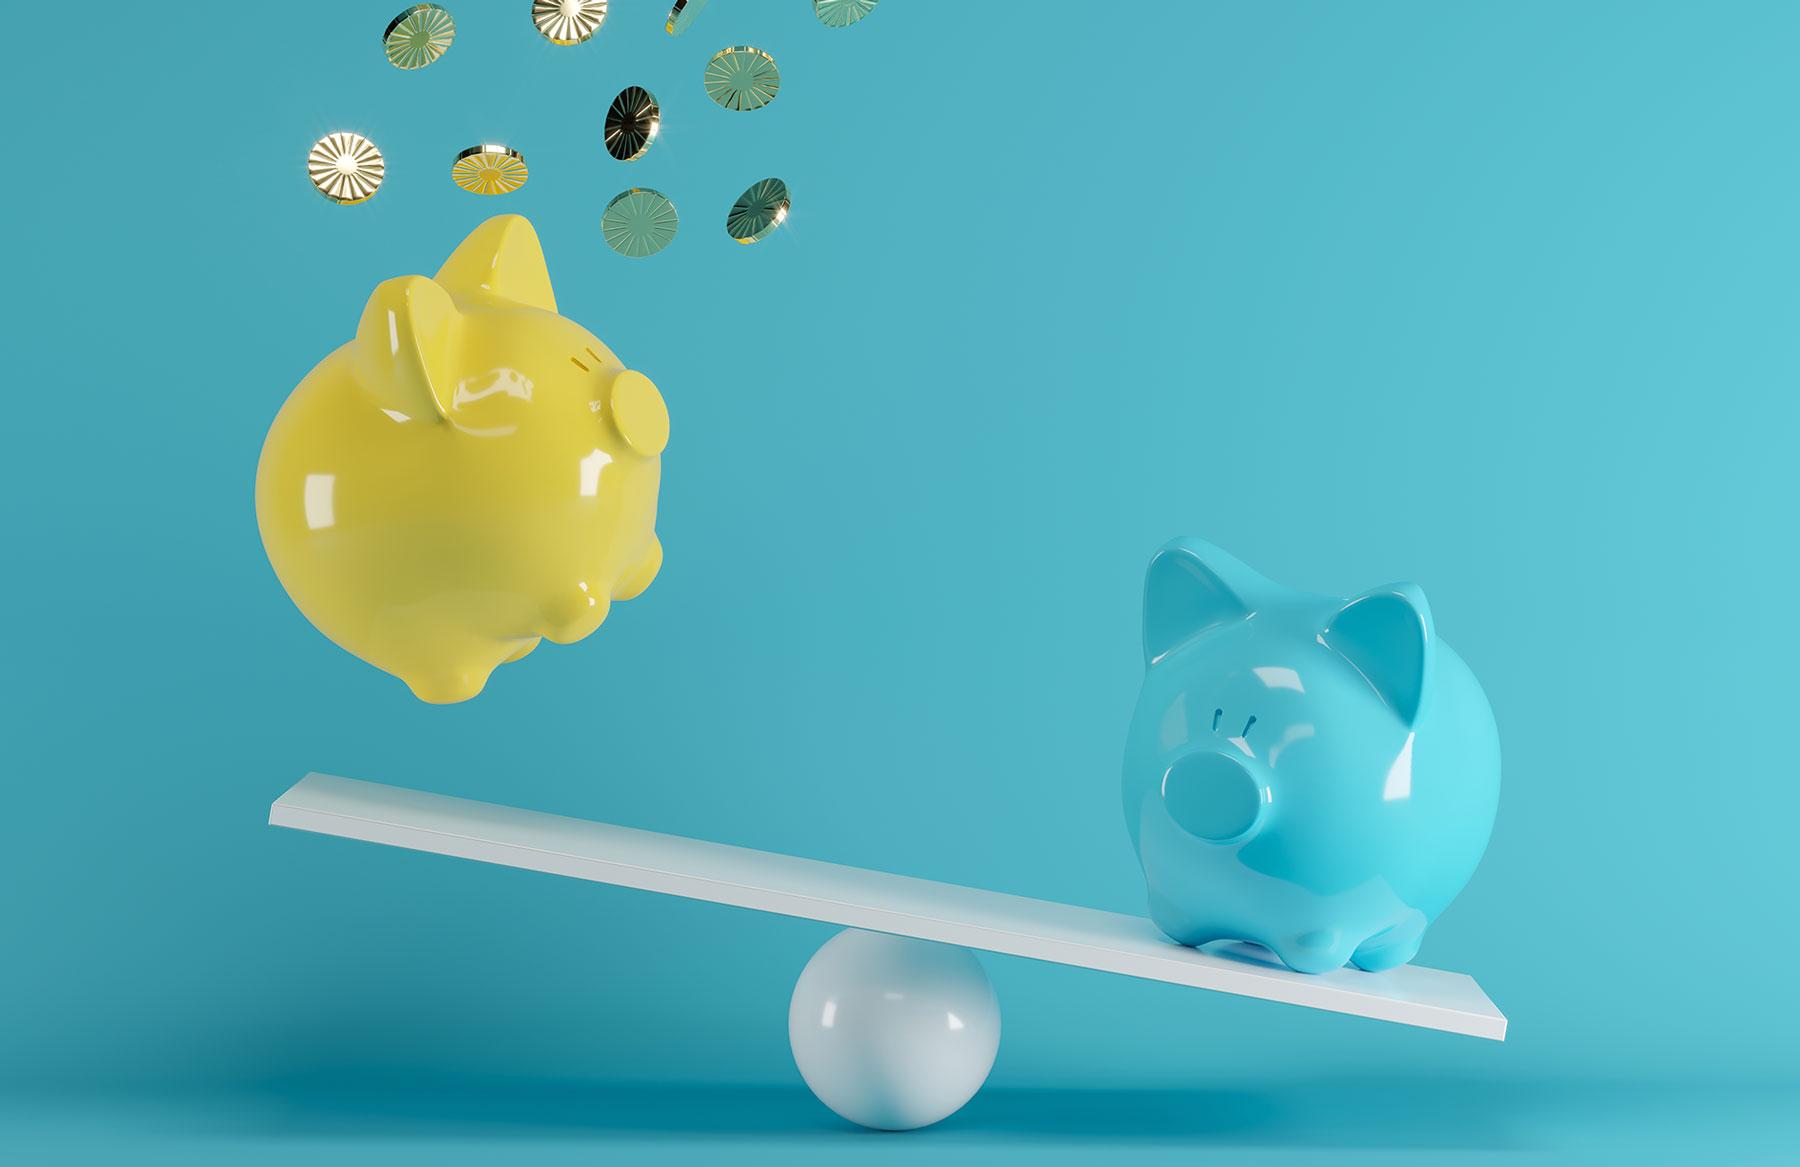 ما المقصود بقيمة العلامة التجارية - رأي العميل - التأثيرات السلبية أو الإيجابية - القيمة الناتجة - شراء منتج لا يحمل علامة تجارية - قيمة العلامة التجارية